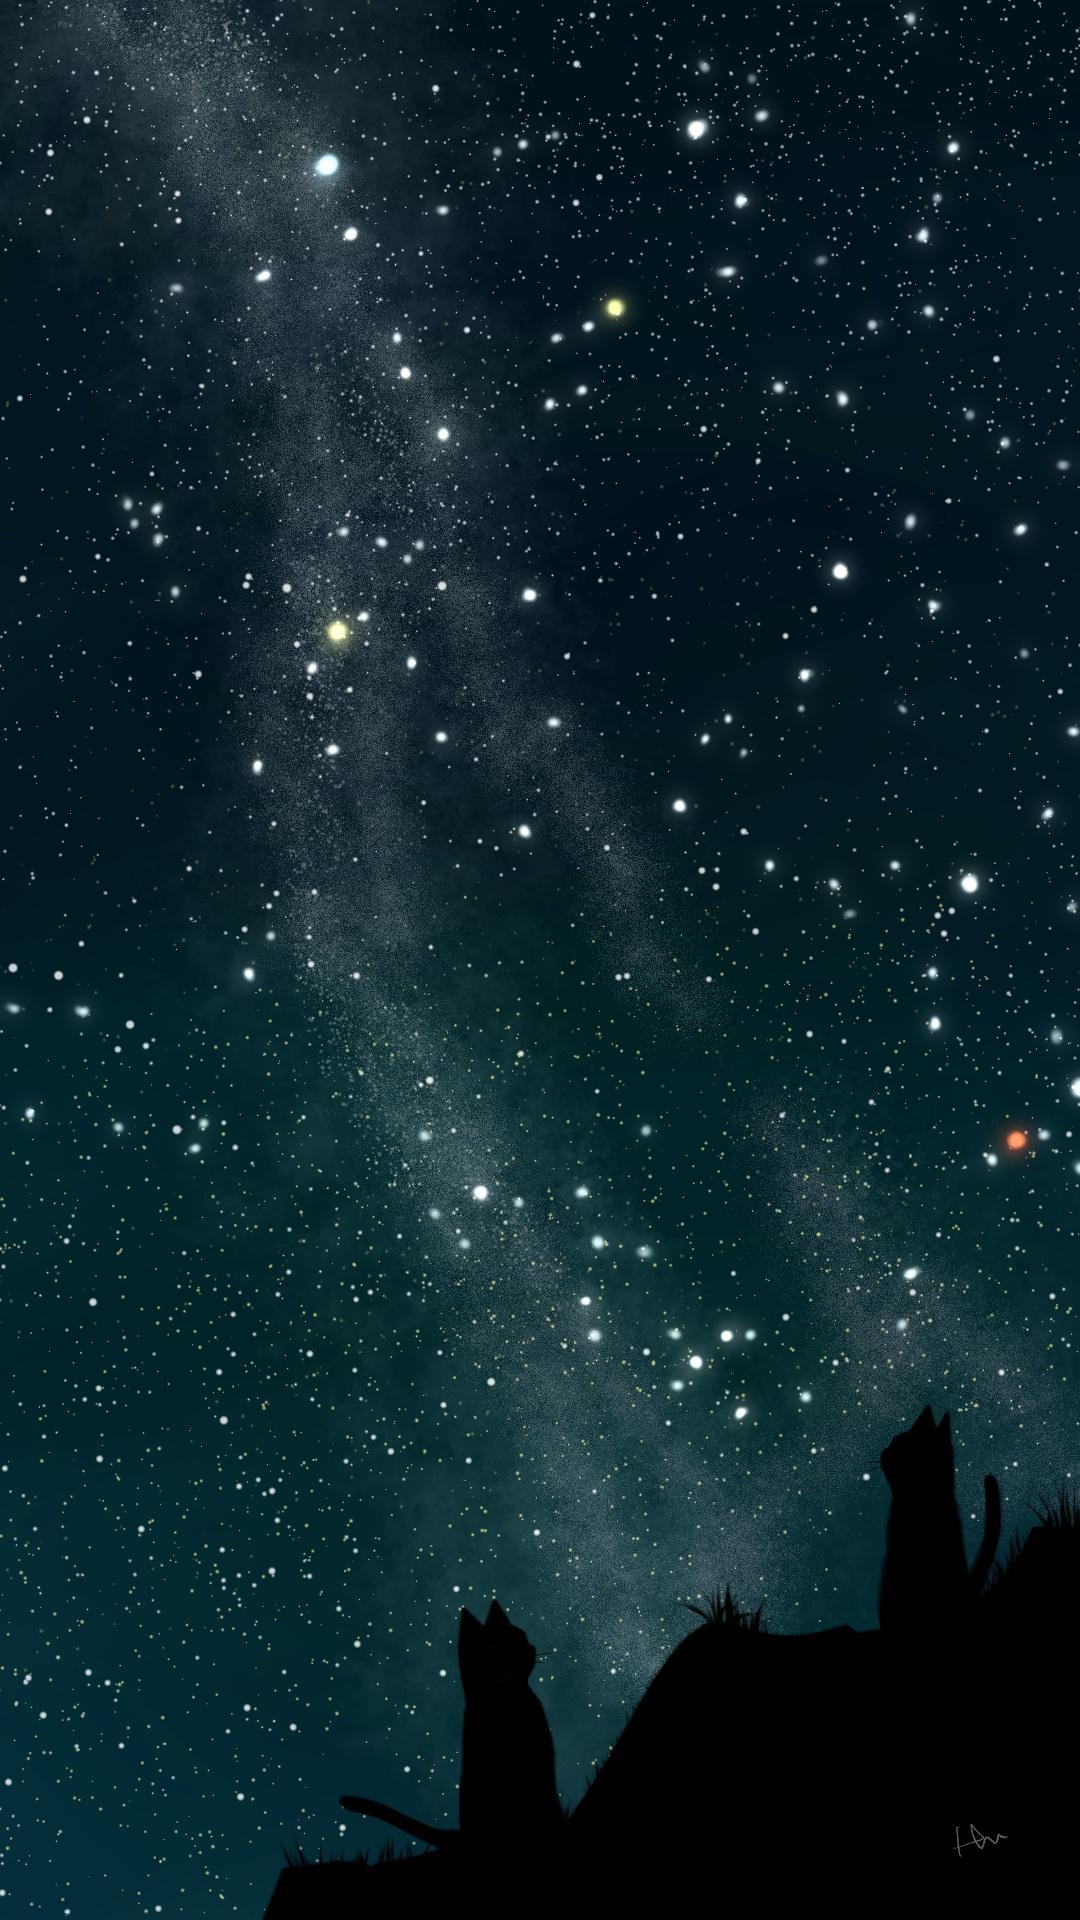 スマホ用壁紙夏の星座が輝く夜空と猫